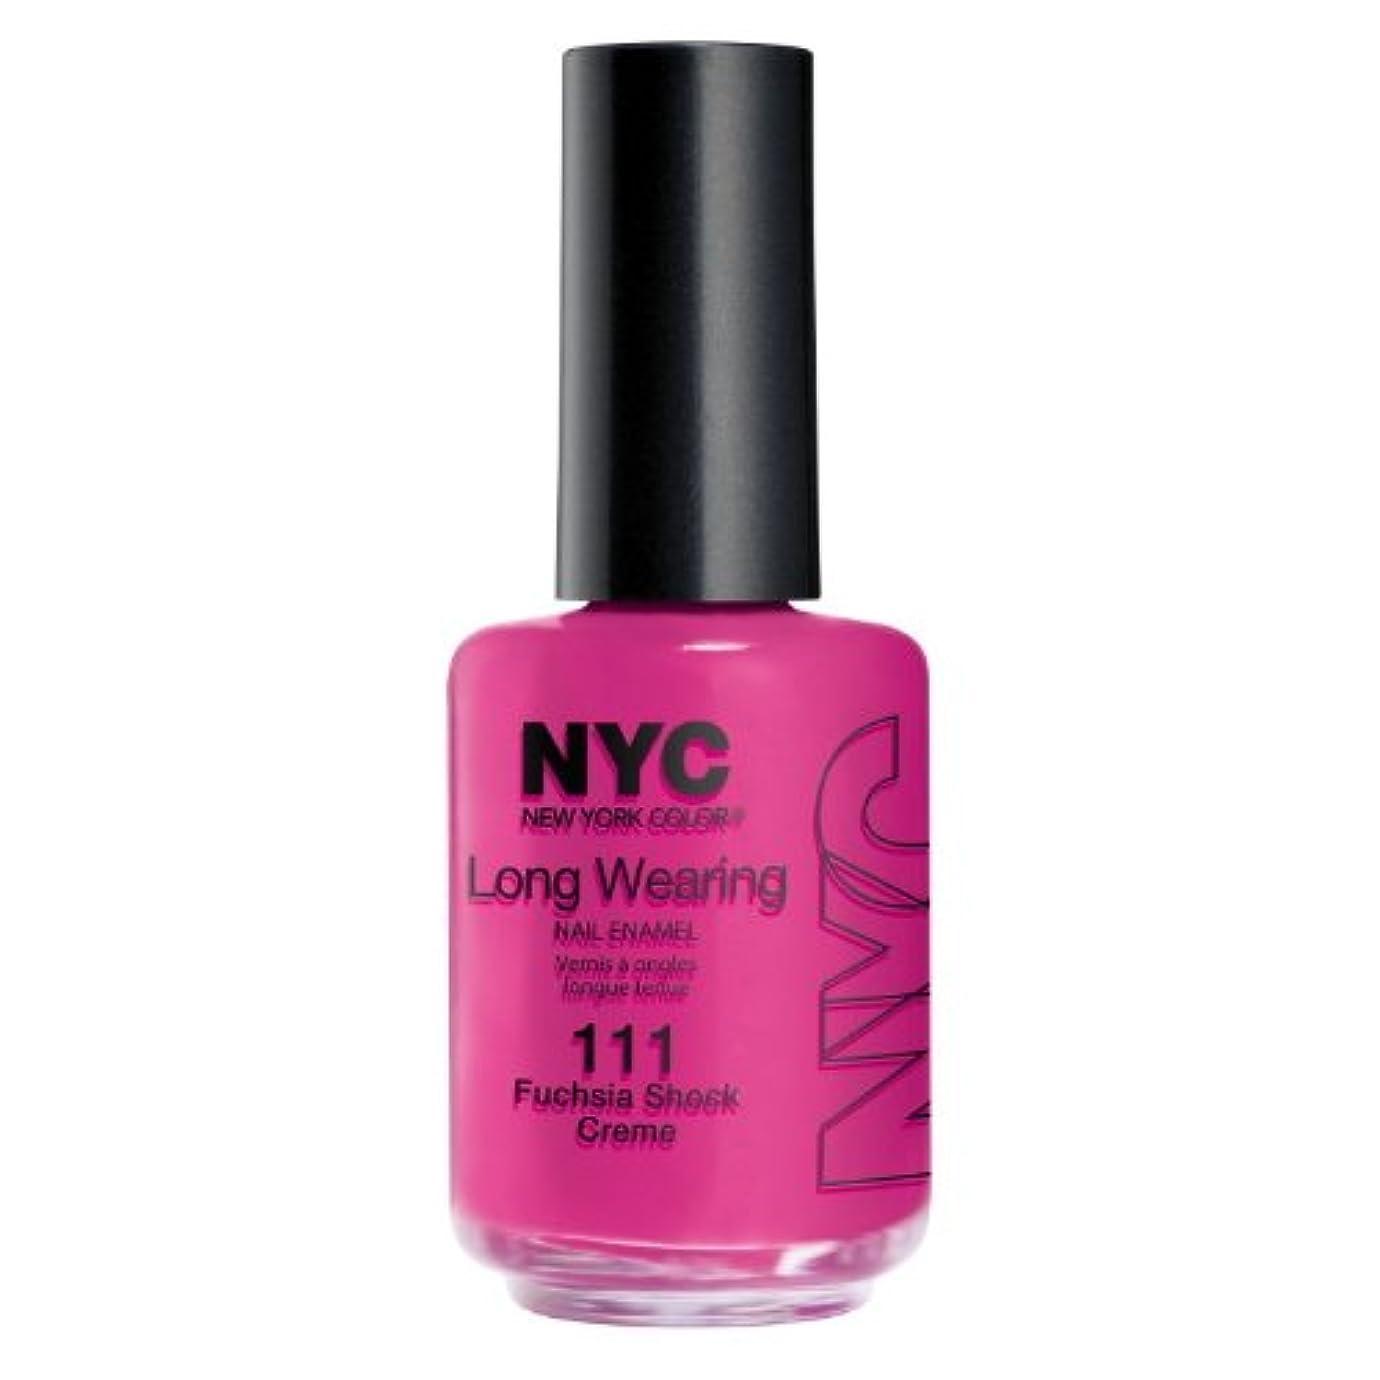 コンパクトルーチンコンテスト(6 Pack) NYC Long Wearing Nail Enamel - Fuchisia Shock Creme (並行輸入品)